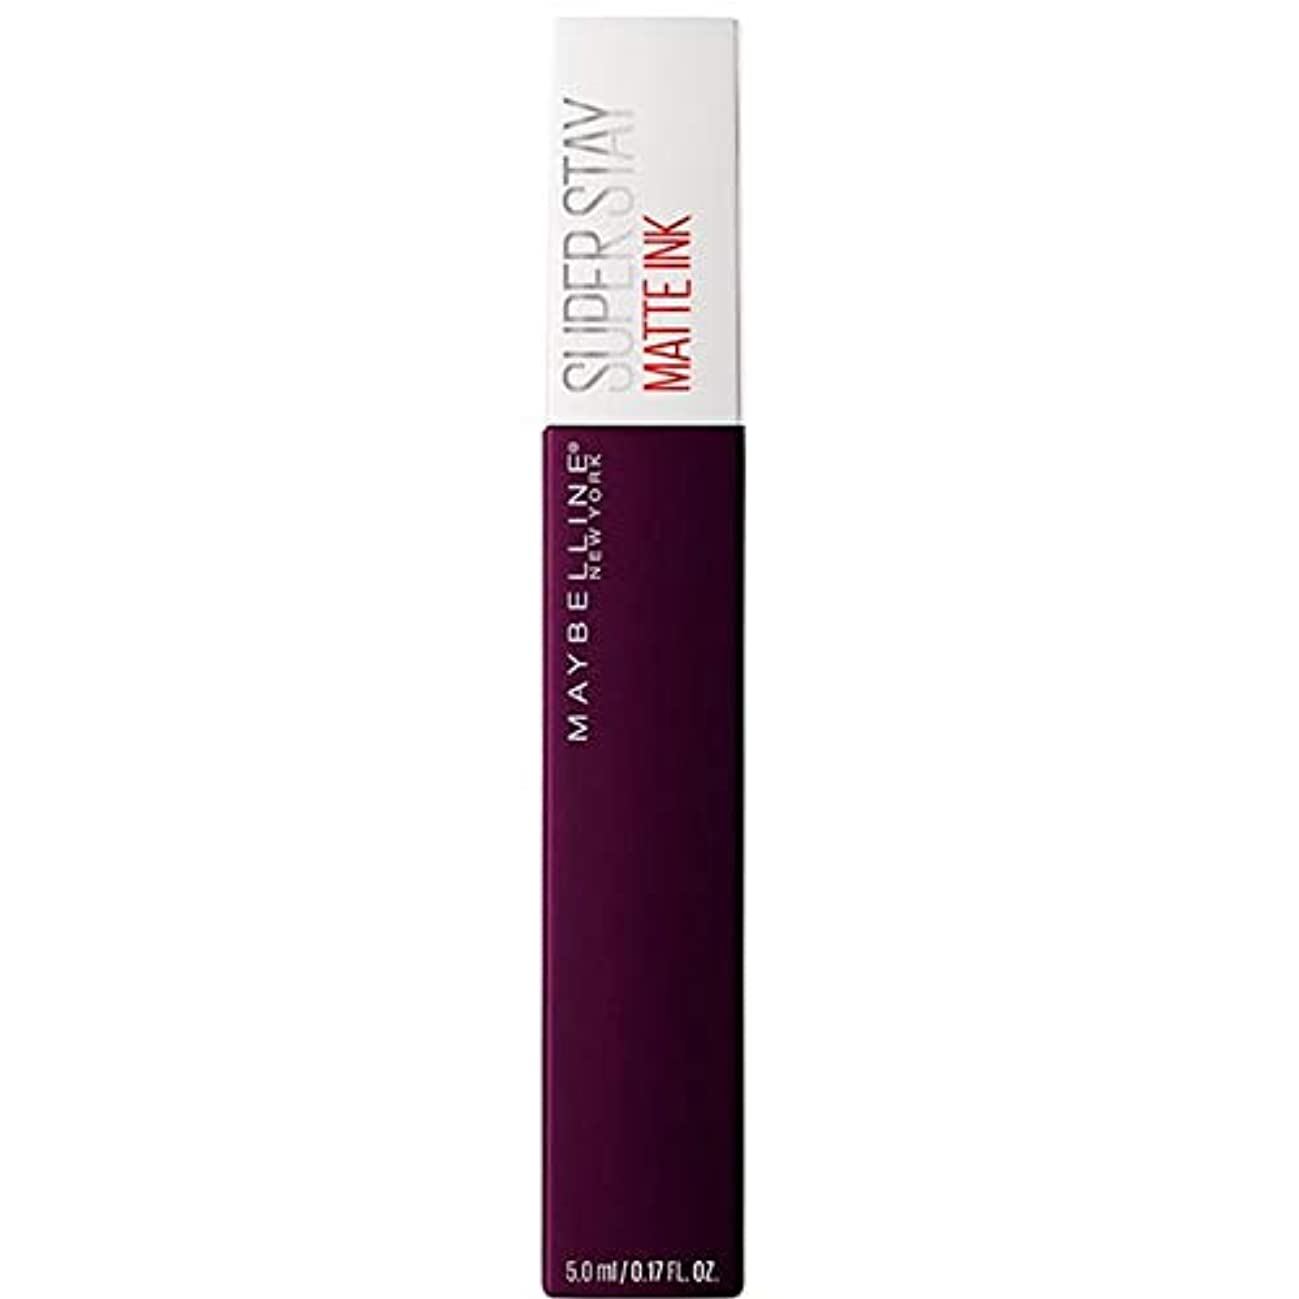 香り雰囲気スタジオ[Maybelline ] メイベリンSuperstayマットインク液45現実逃避 - Maybelline Superstay Matte Ink Liquid 45 Escapist [並行輸入品]